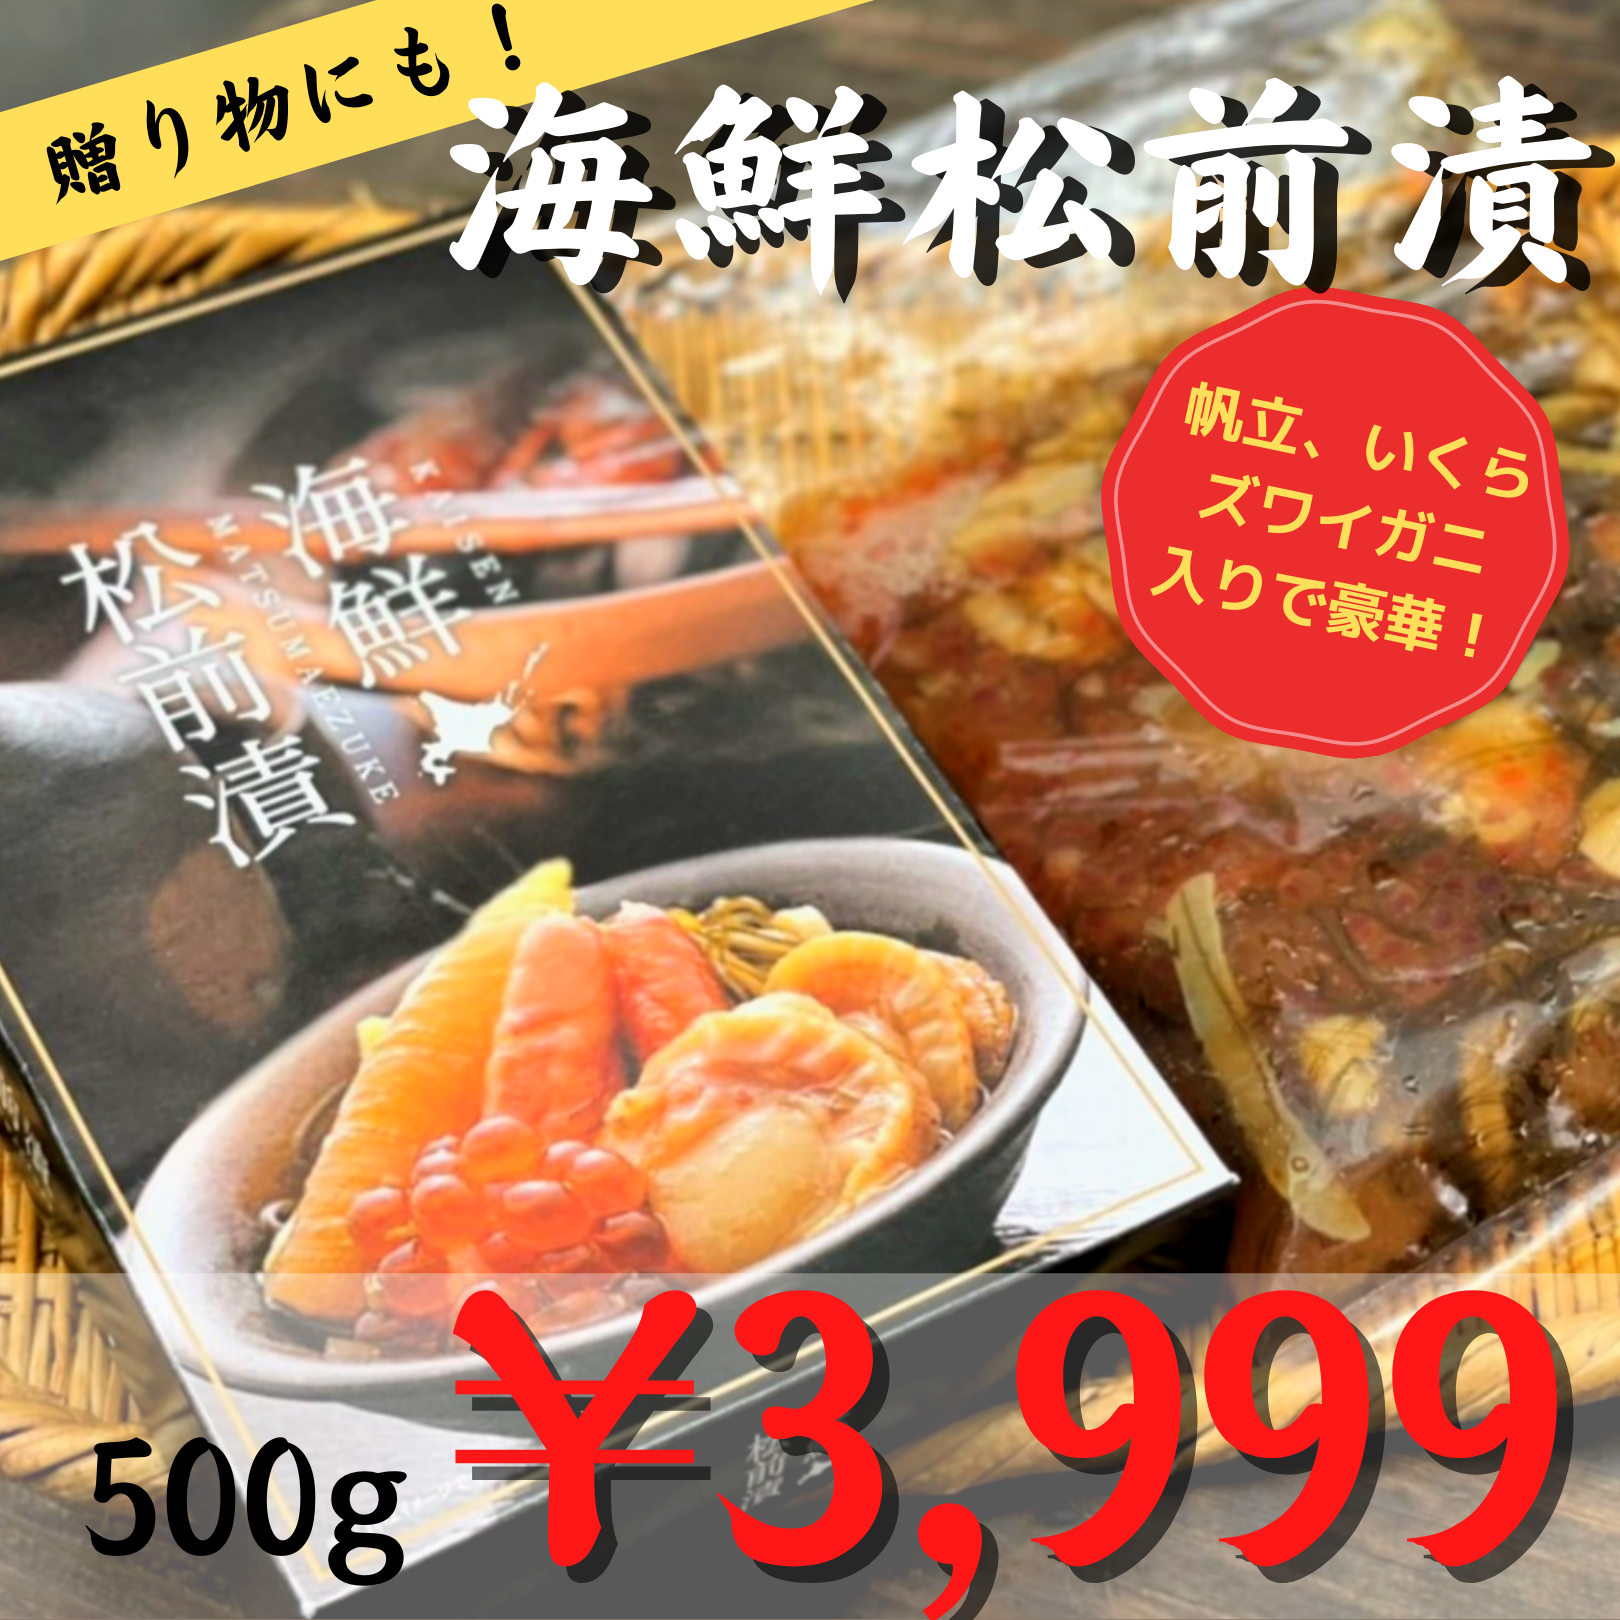 (0515)【具だくさん!素材が大きい!】海鮮松前漬  500g